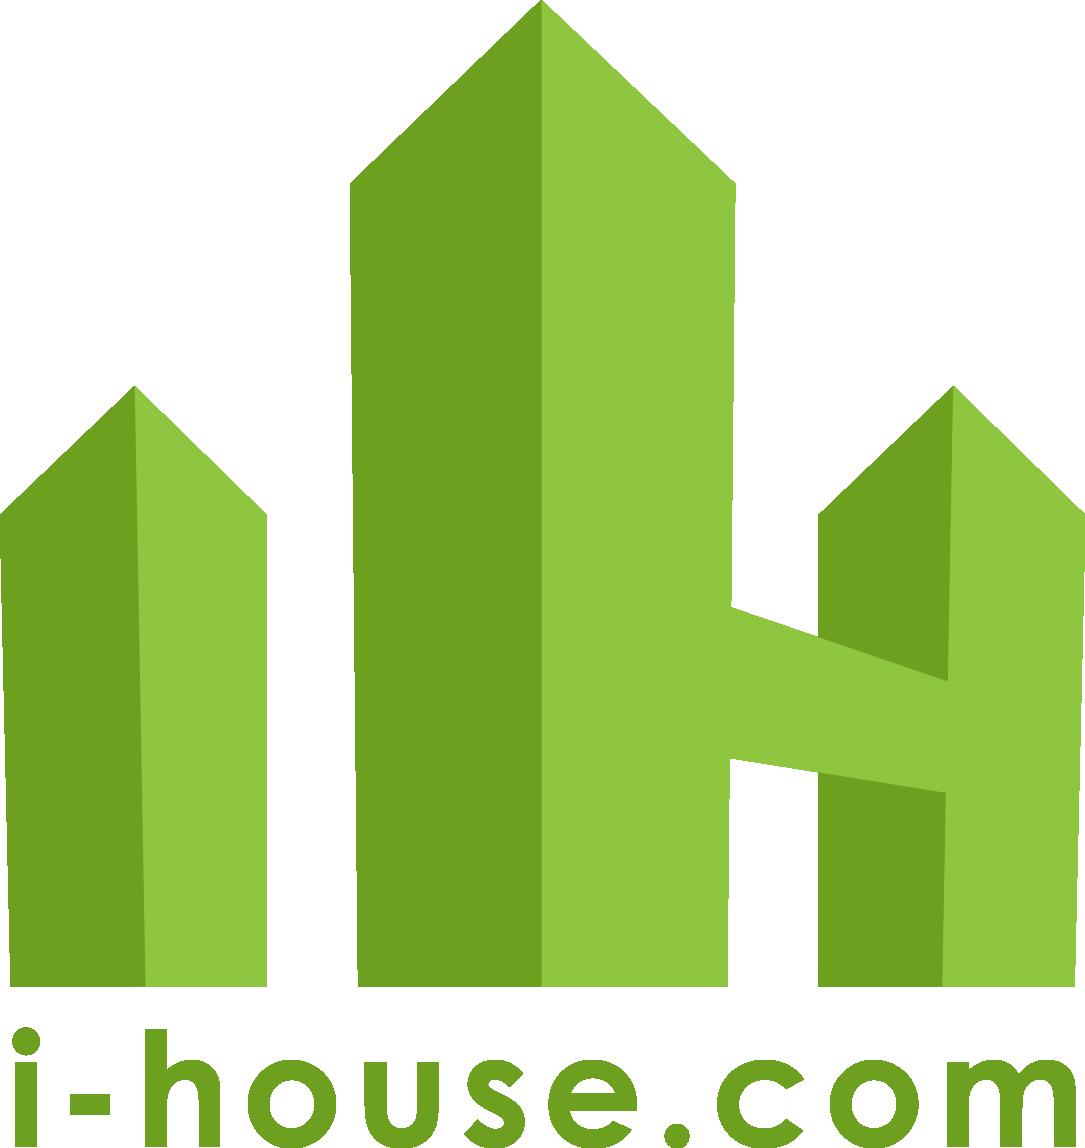 i-house.com & IHT